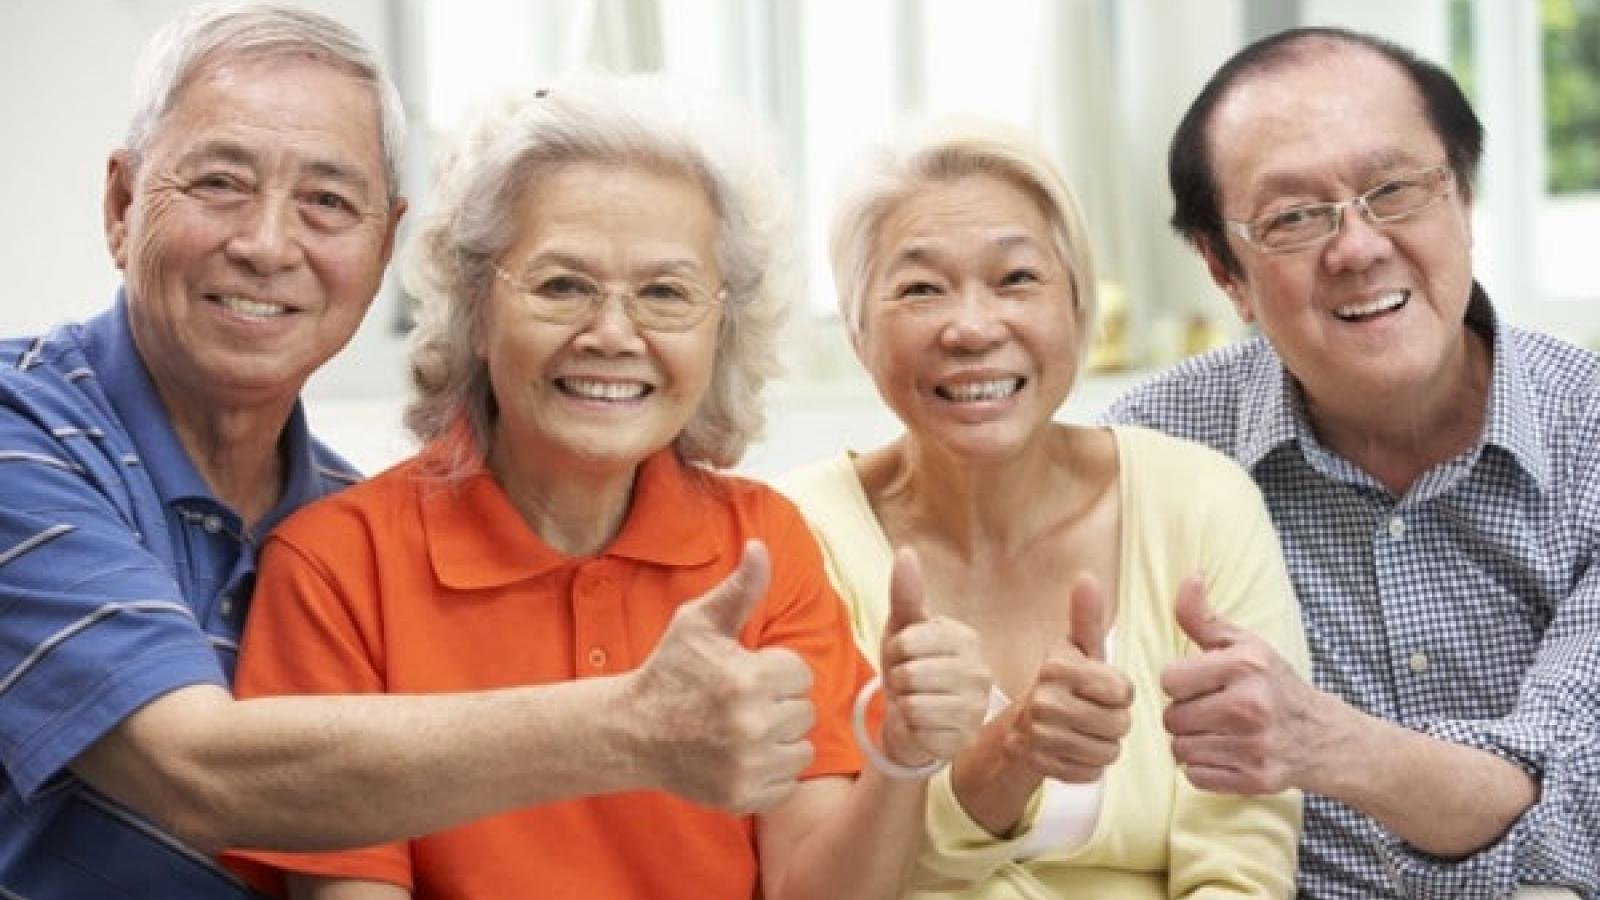 Singapore nâng tuổi nghỉ hưu lên 63 để tận dụng nguồn nhân lực